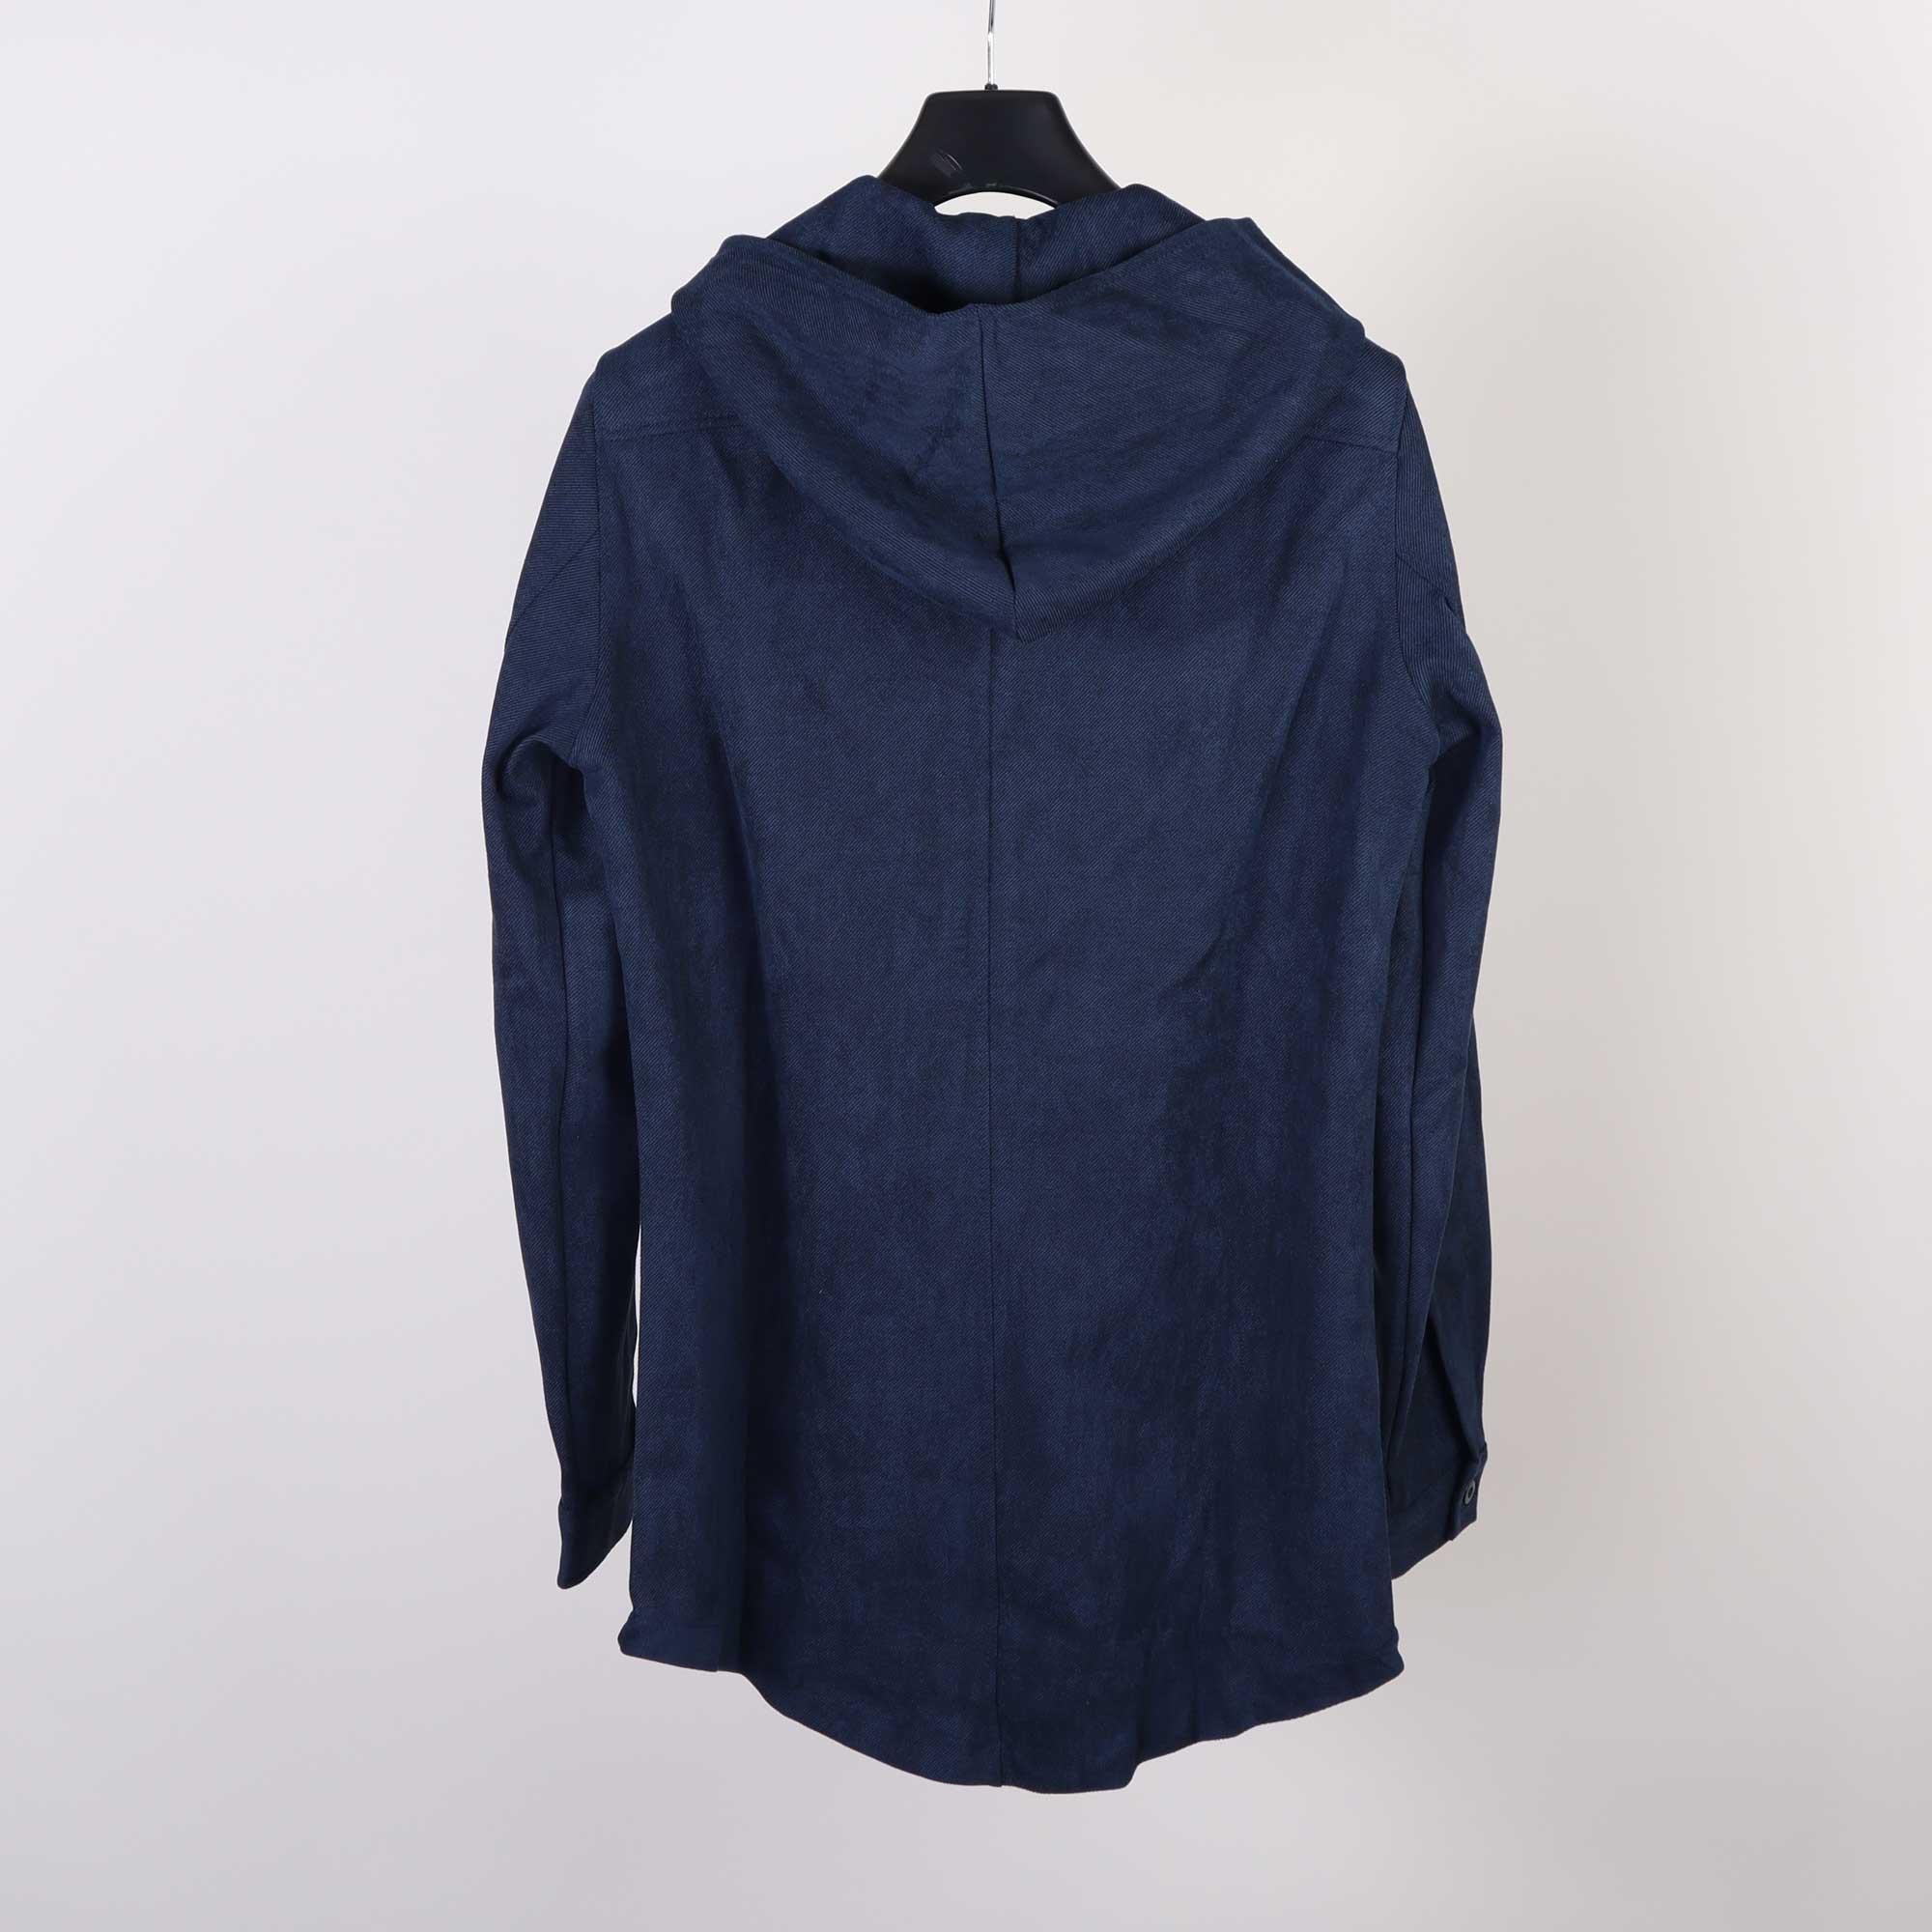 ziphoodie-blauw-2